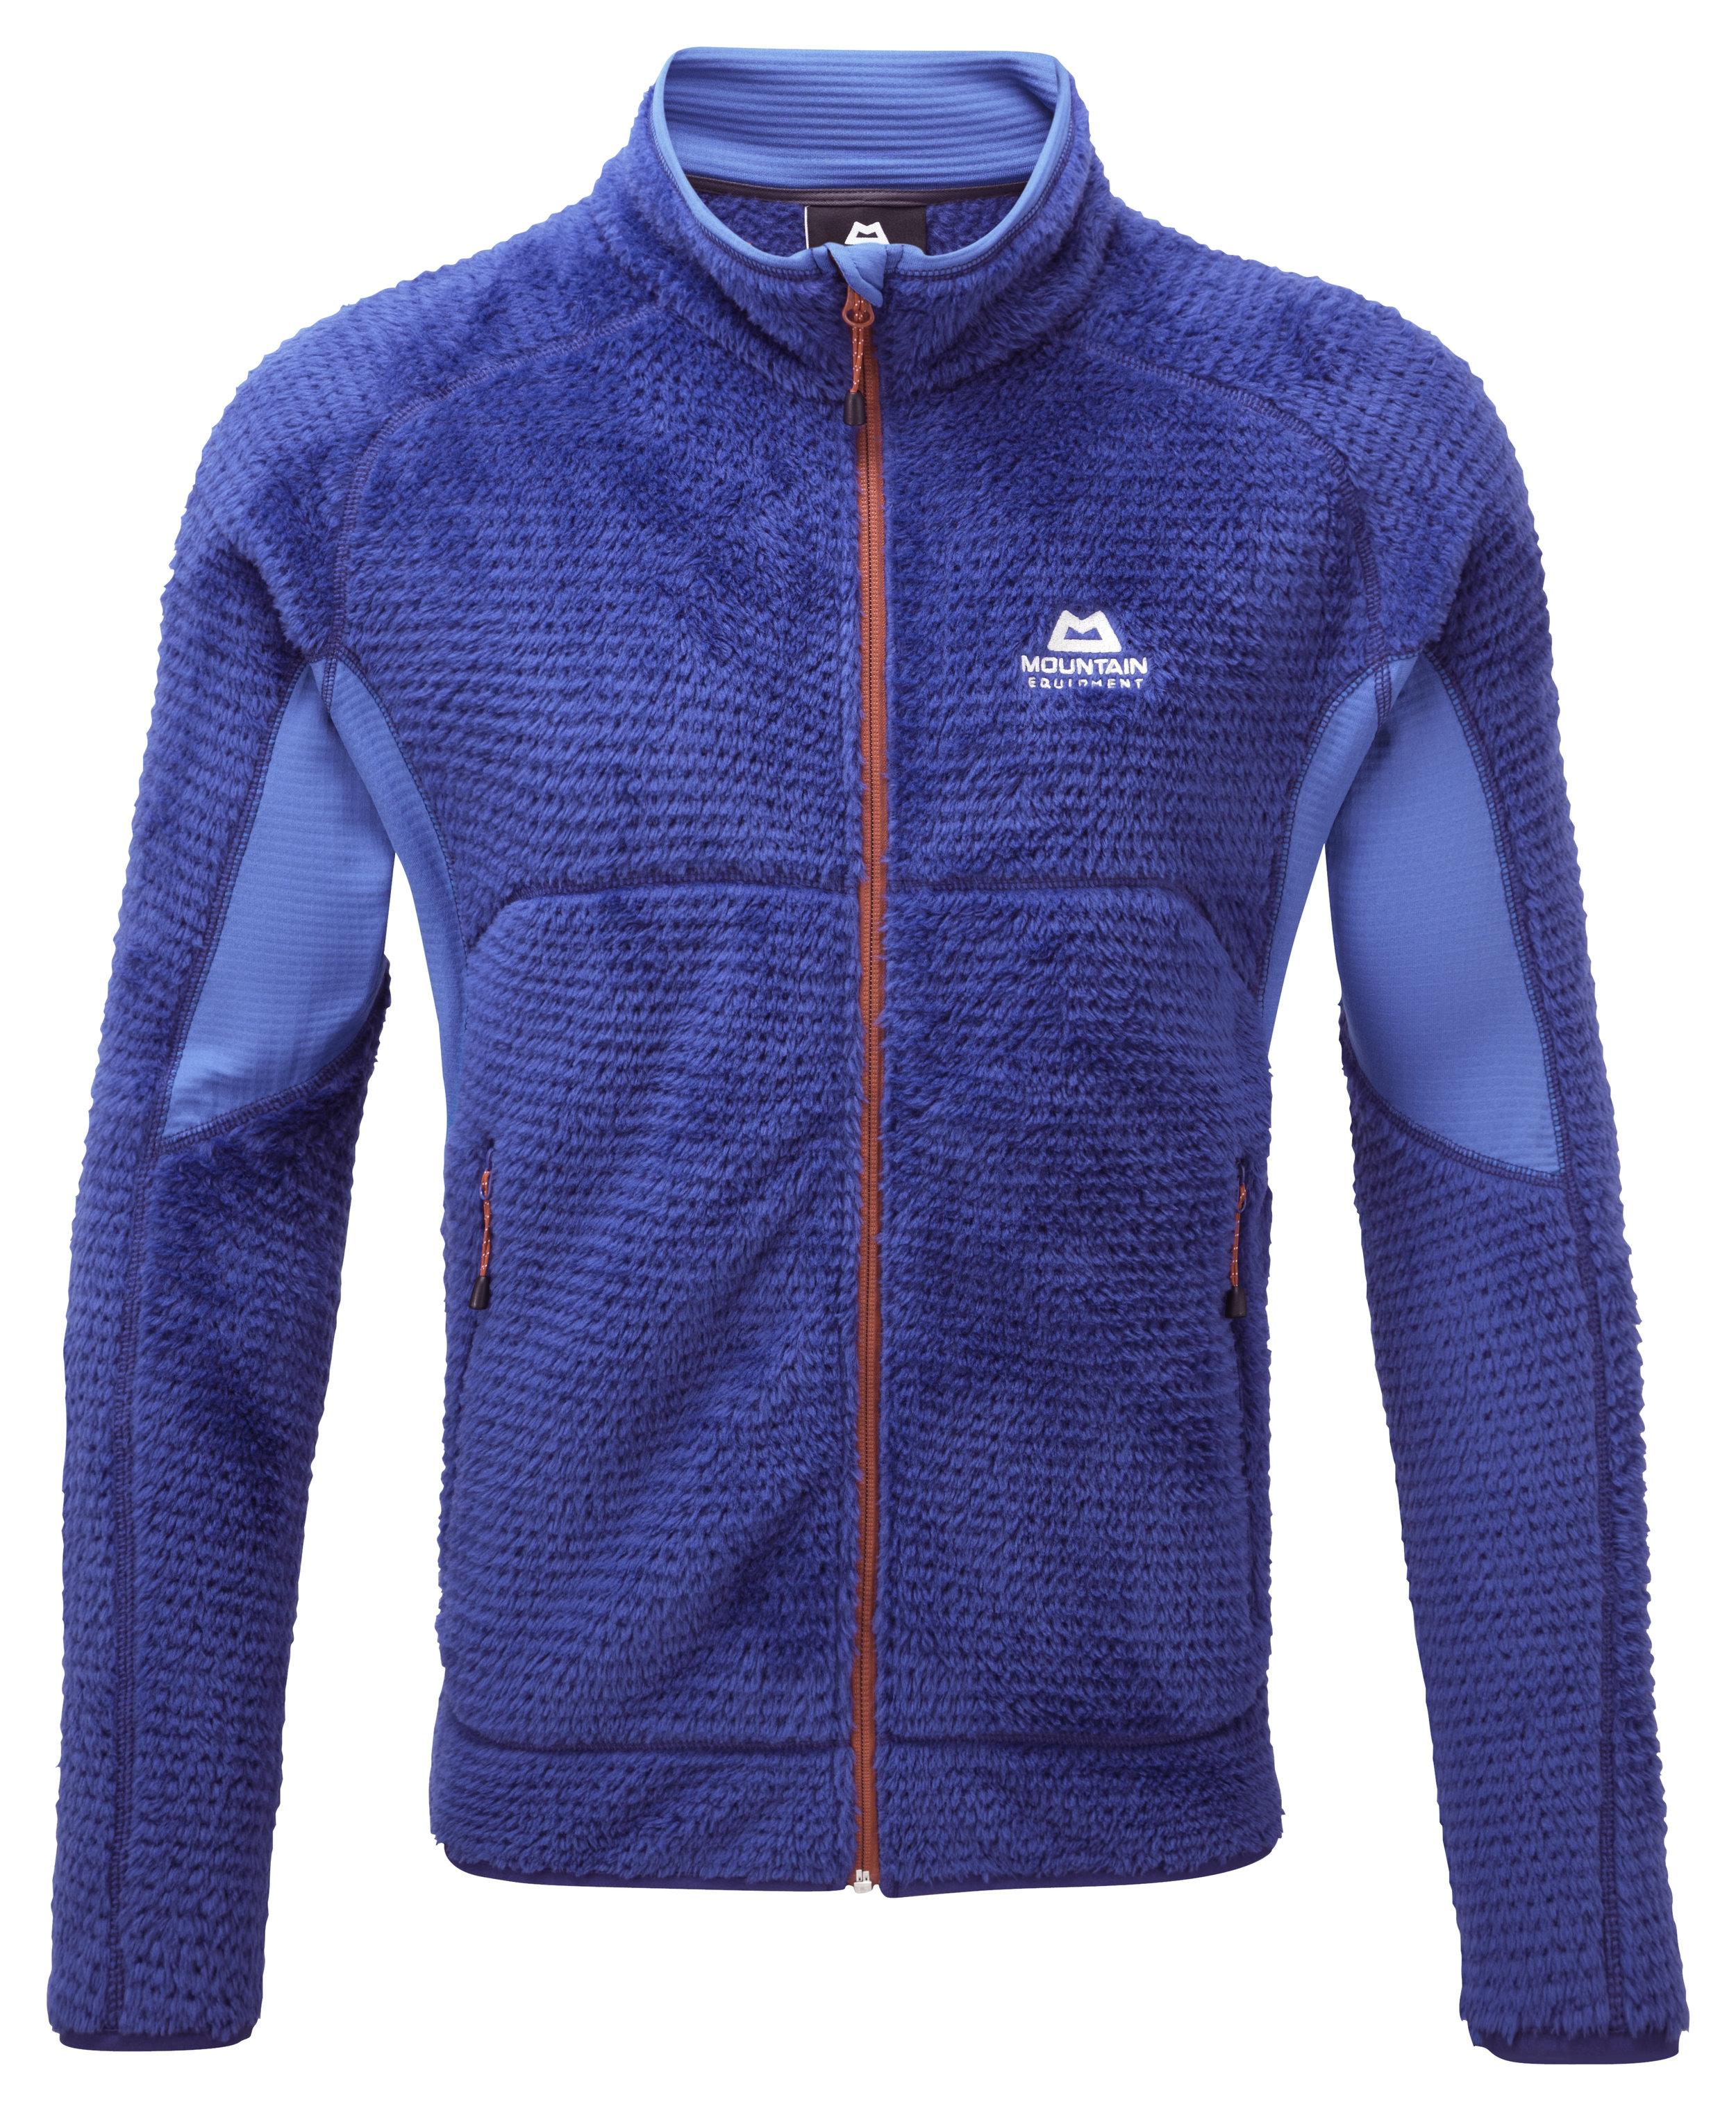 me_concordia_jacket_mens_cobalt.jpg